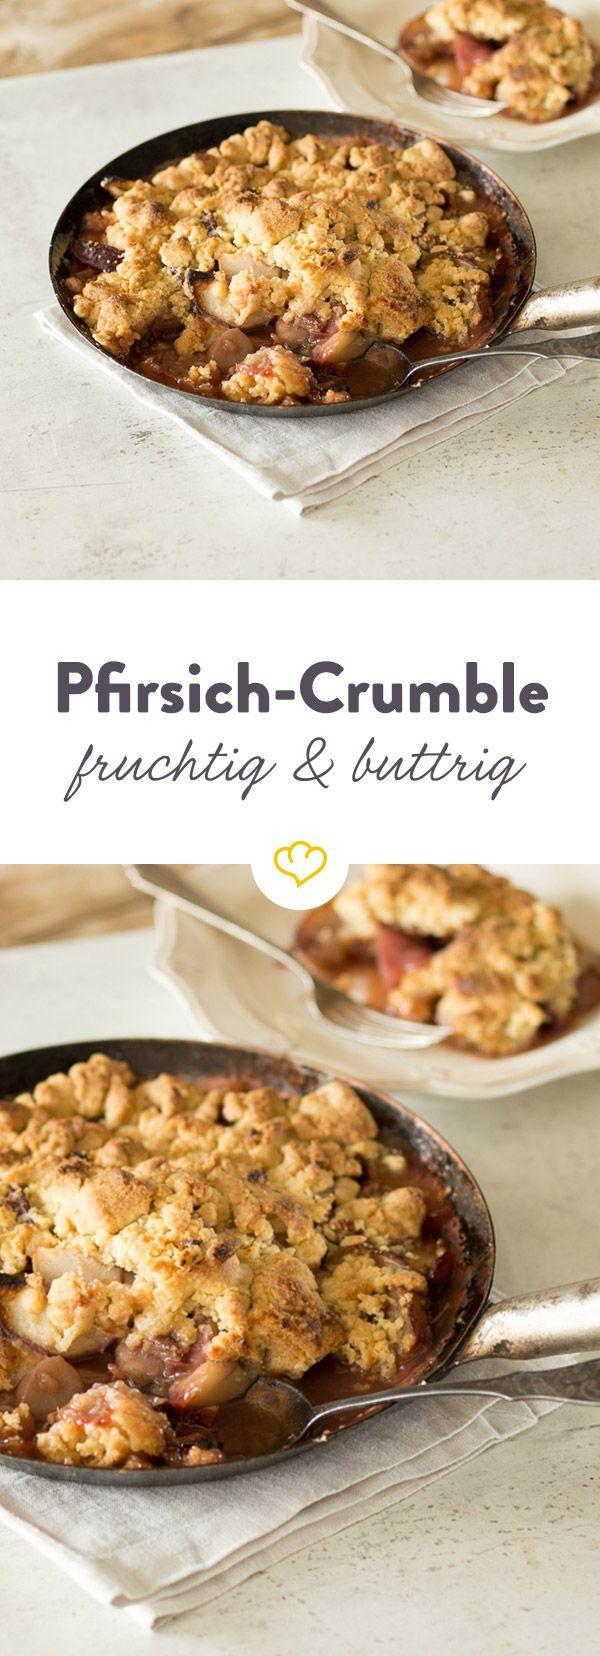 Schmeckt wie Obst-Streuselkuchen, nur ohne den trockenen Teig. Verwirrend? Ein bisschen - aber dafür auch ungemein saftig, buttrig und fruchtig.